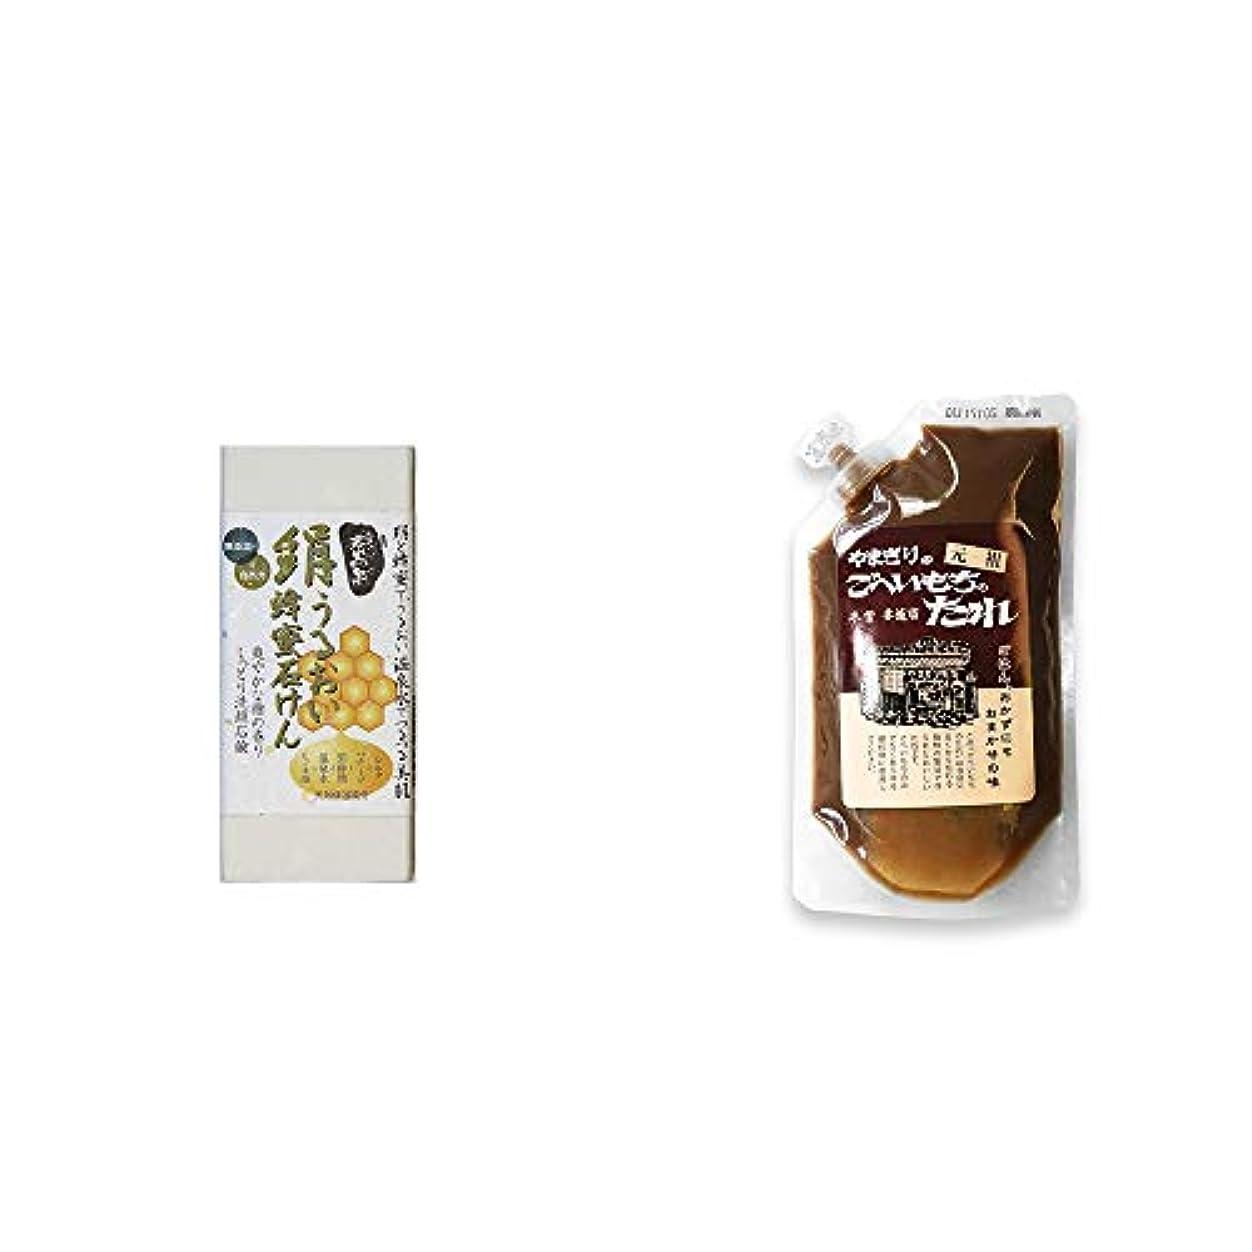 検閲セール溶ける[2点セット] ひのき炭黒泉 絹うるおい蜂蜜石けん(75g×2)?妻籠宿 やまぎり食堂 ごへい餅のたれ(250g)